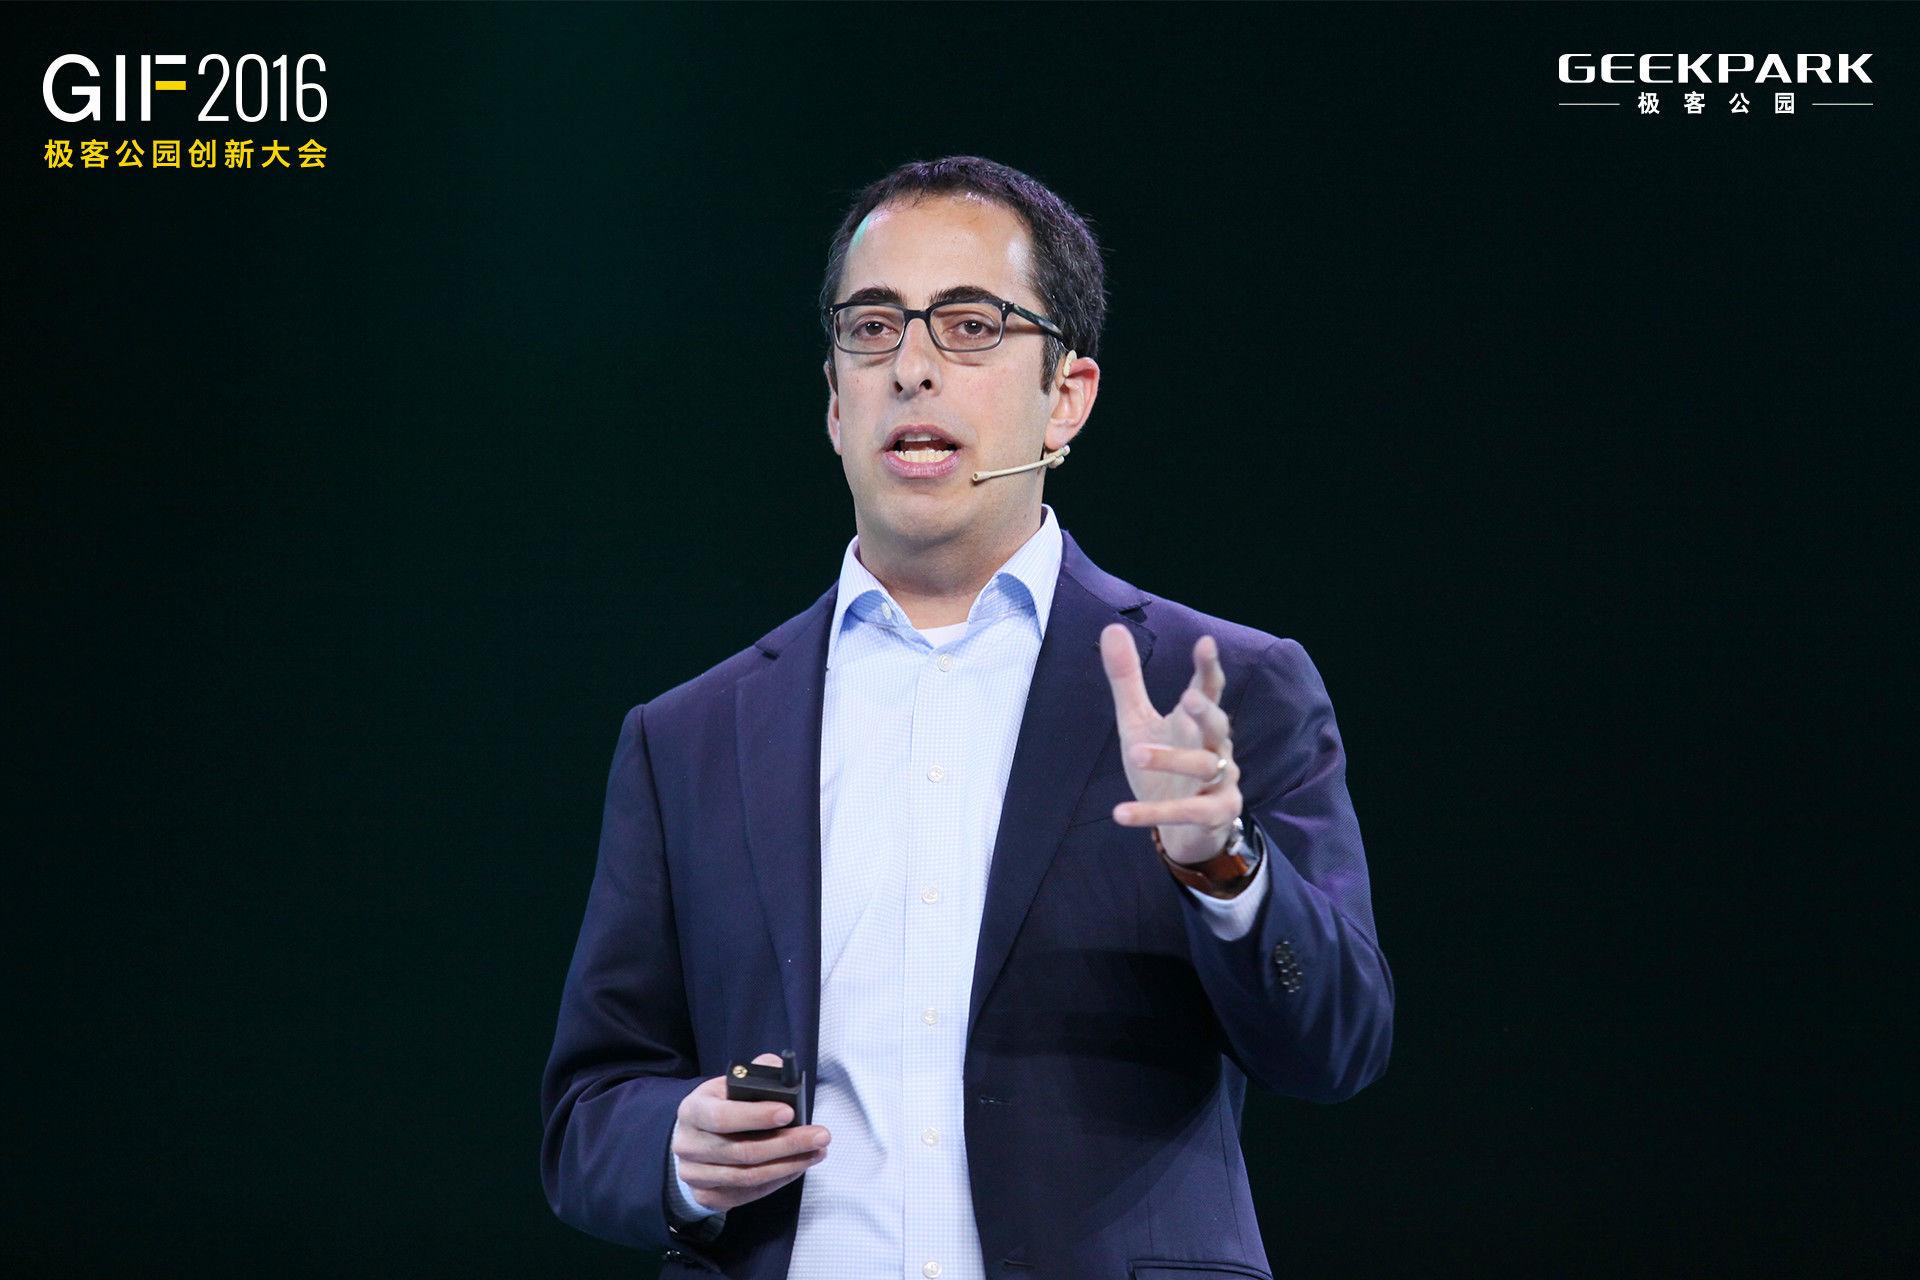 过去十年里,谷歌是如何不断孕育好产品的?